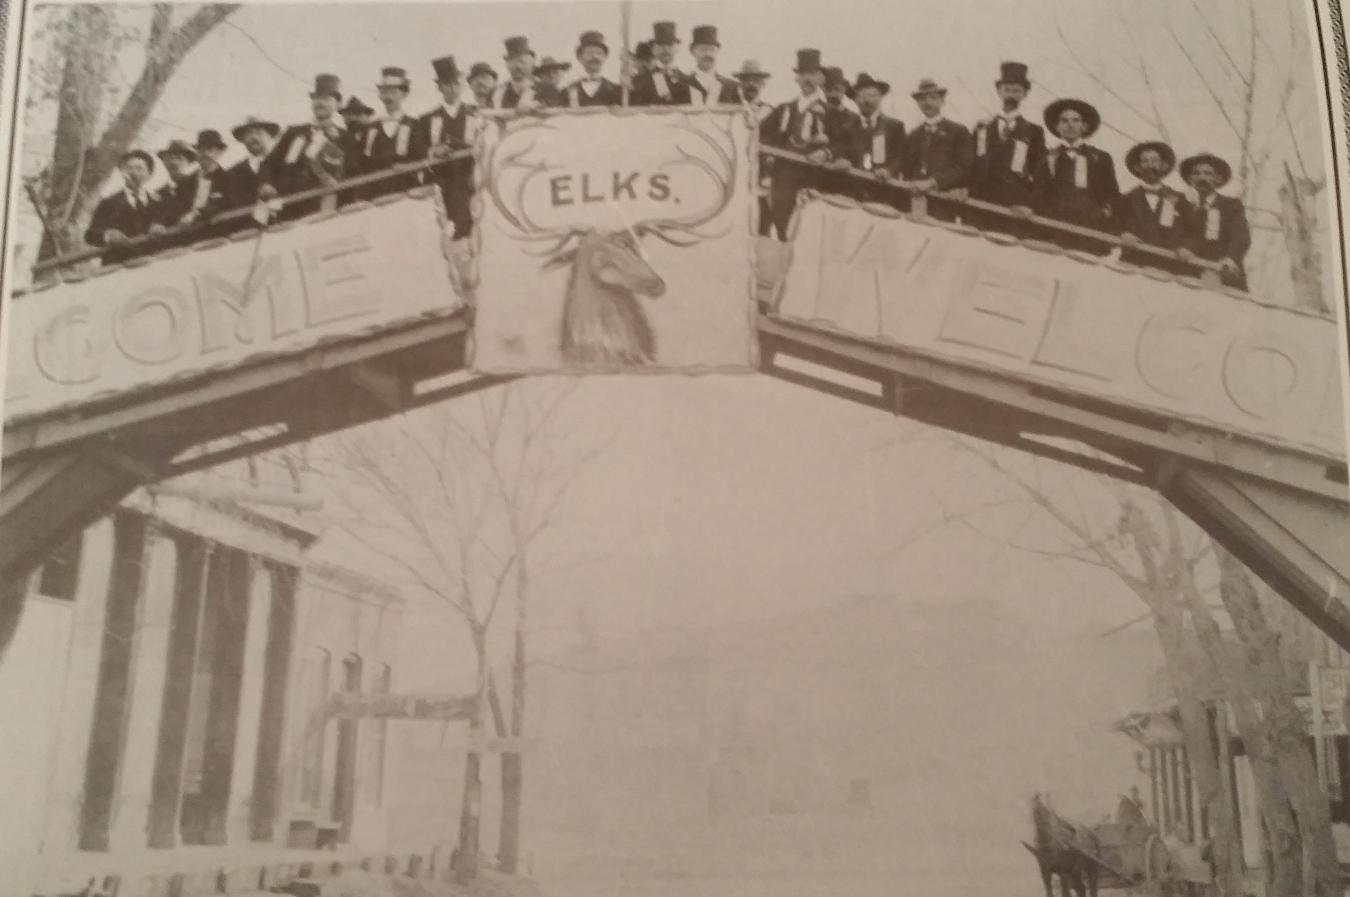 February 1898